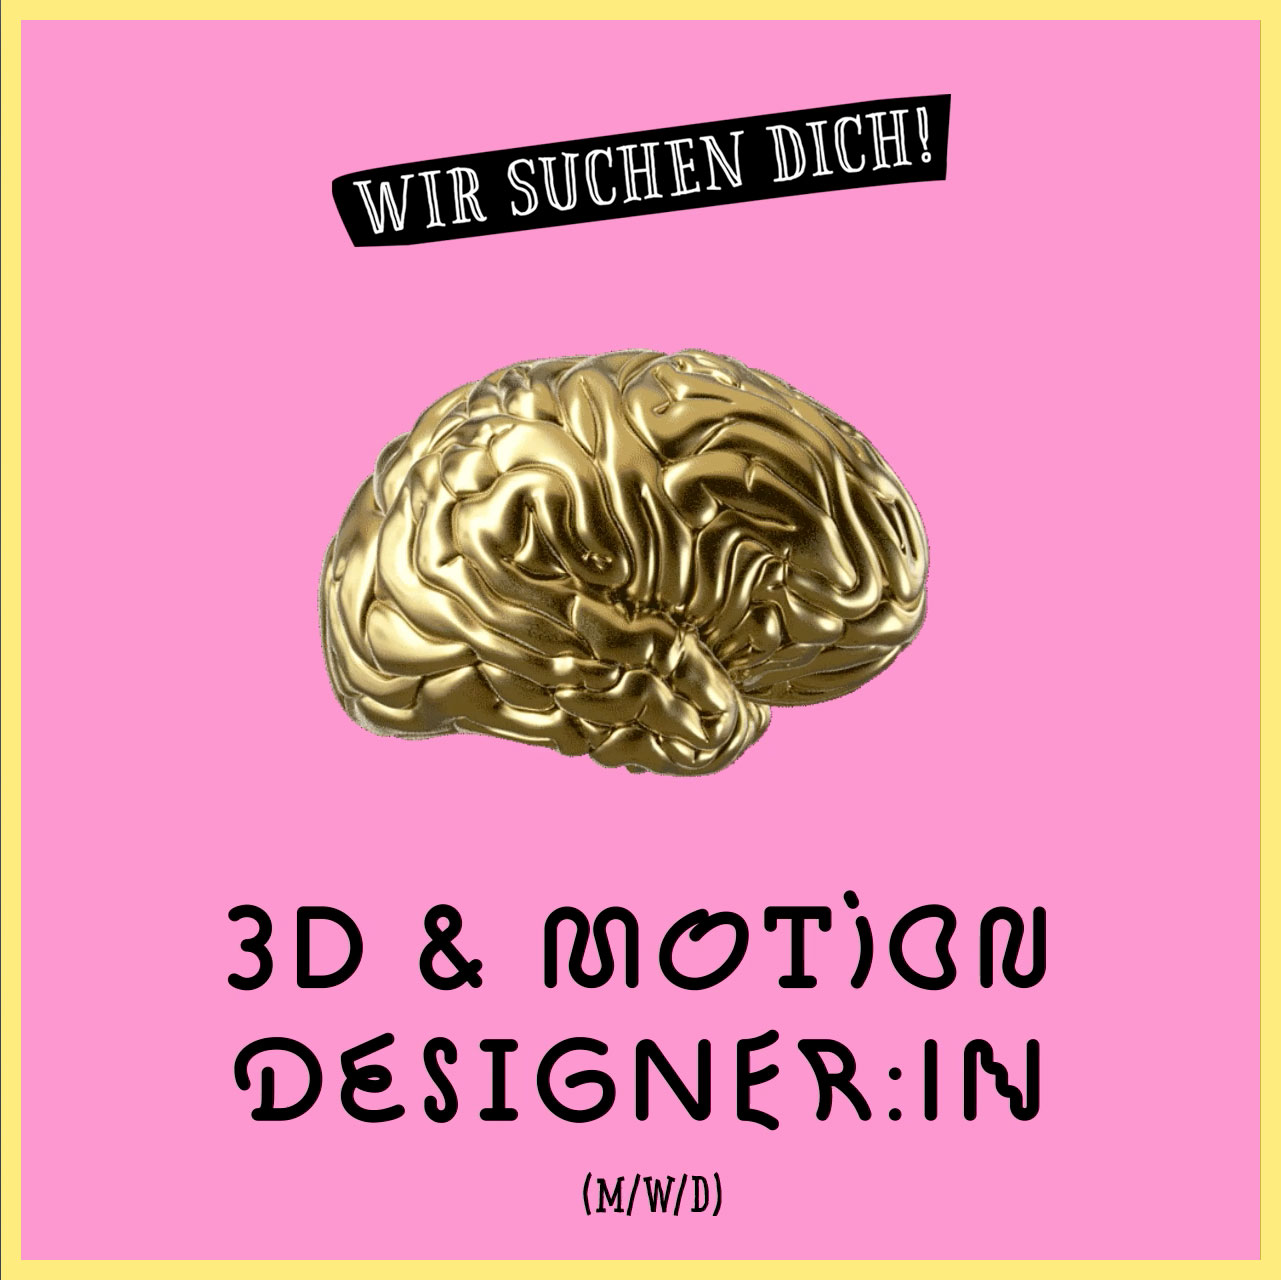 Jobs @ kochstrasse.agency Stellenanzeige / Stellengesuch 3D & Motion Designer:in (m/w/d)